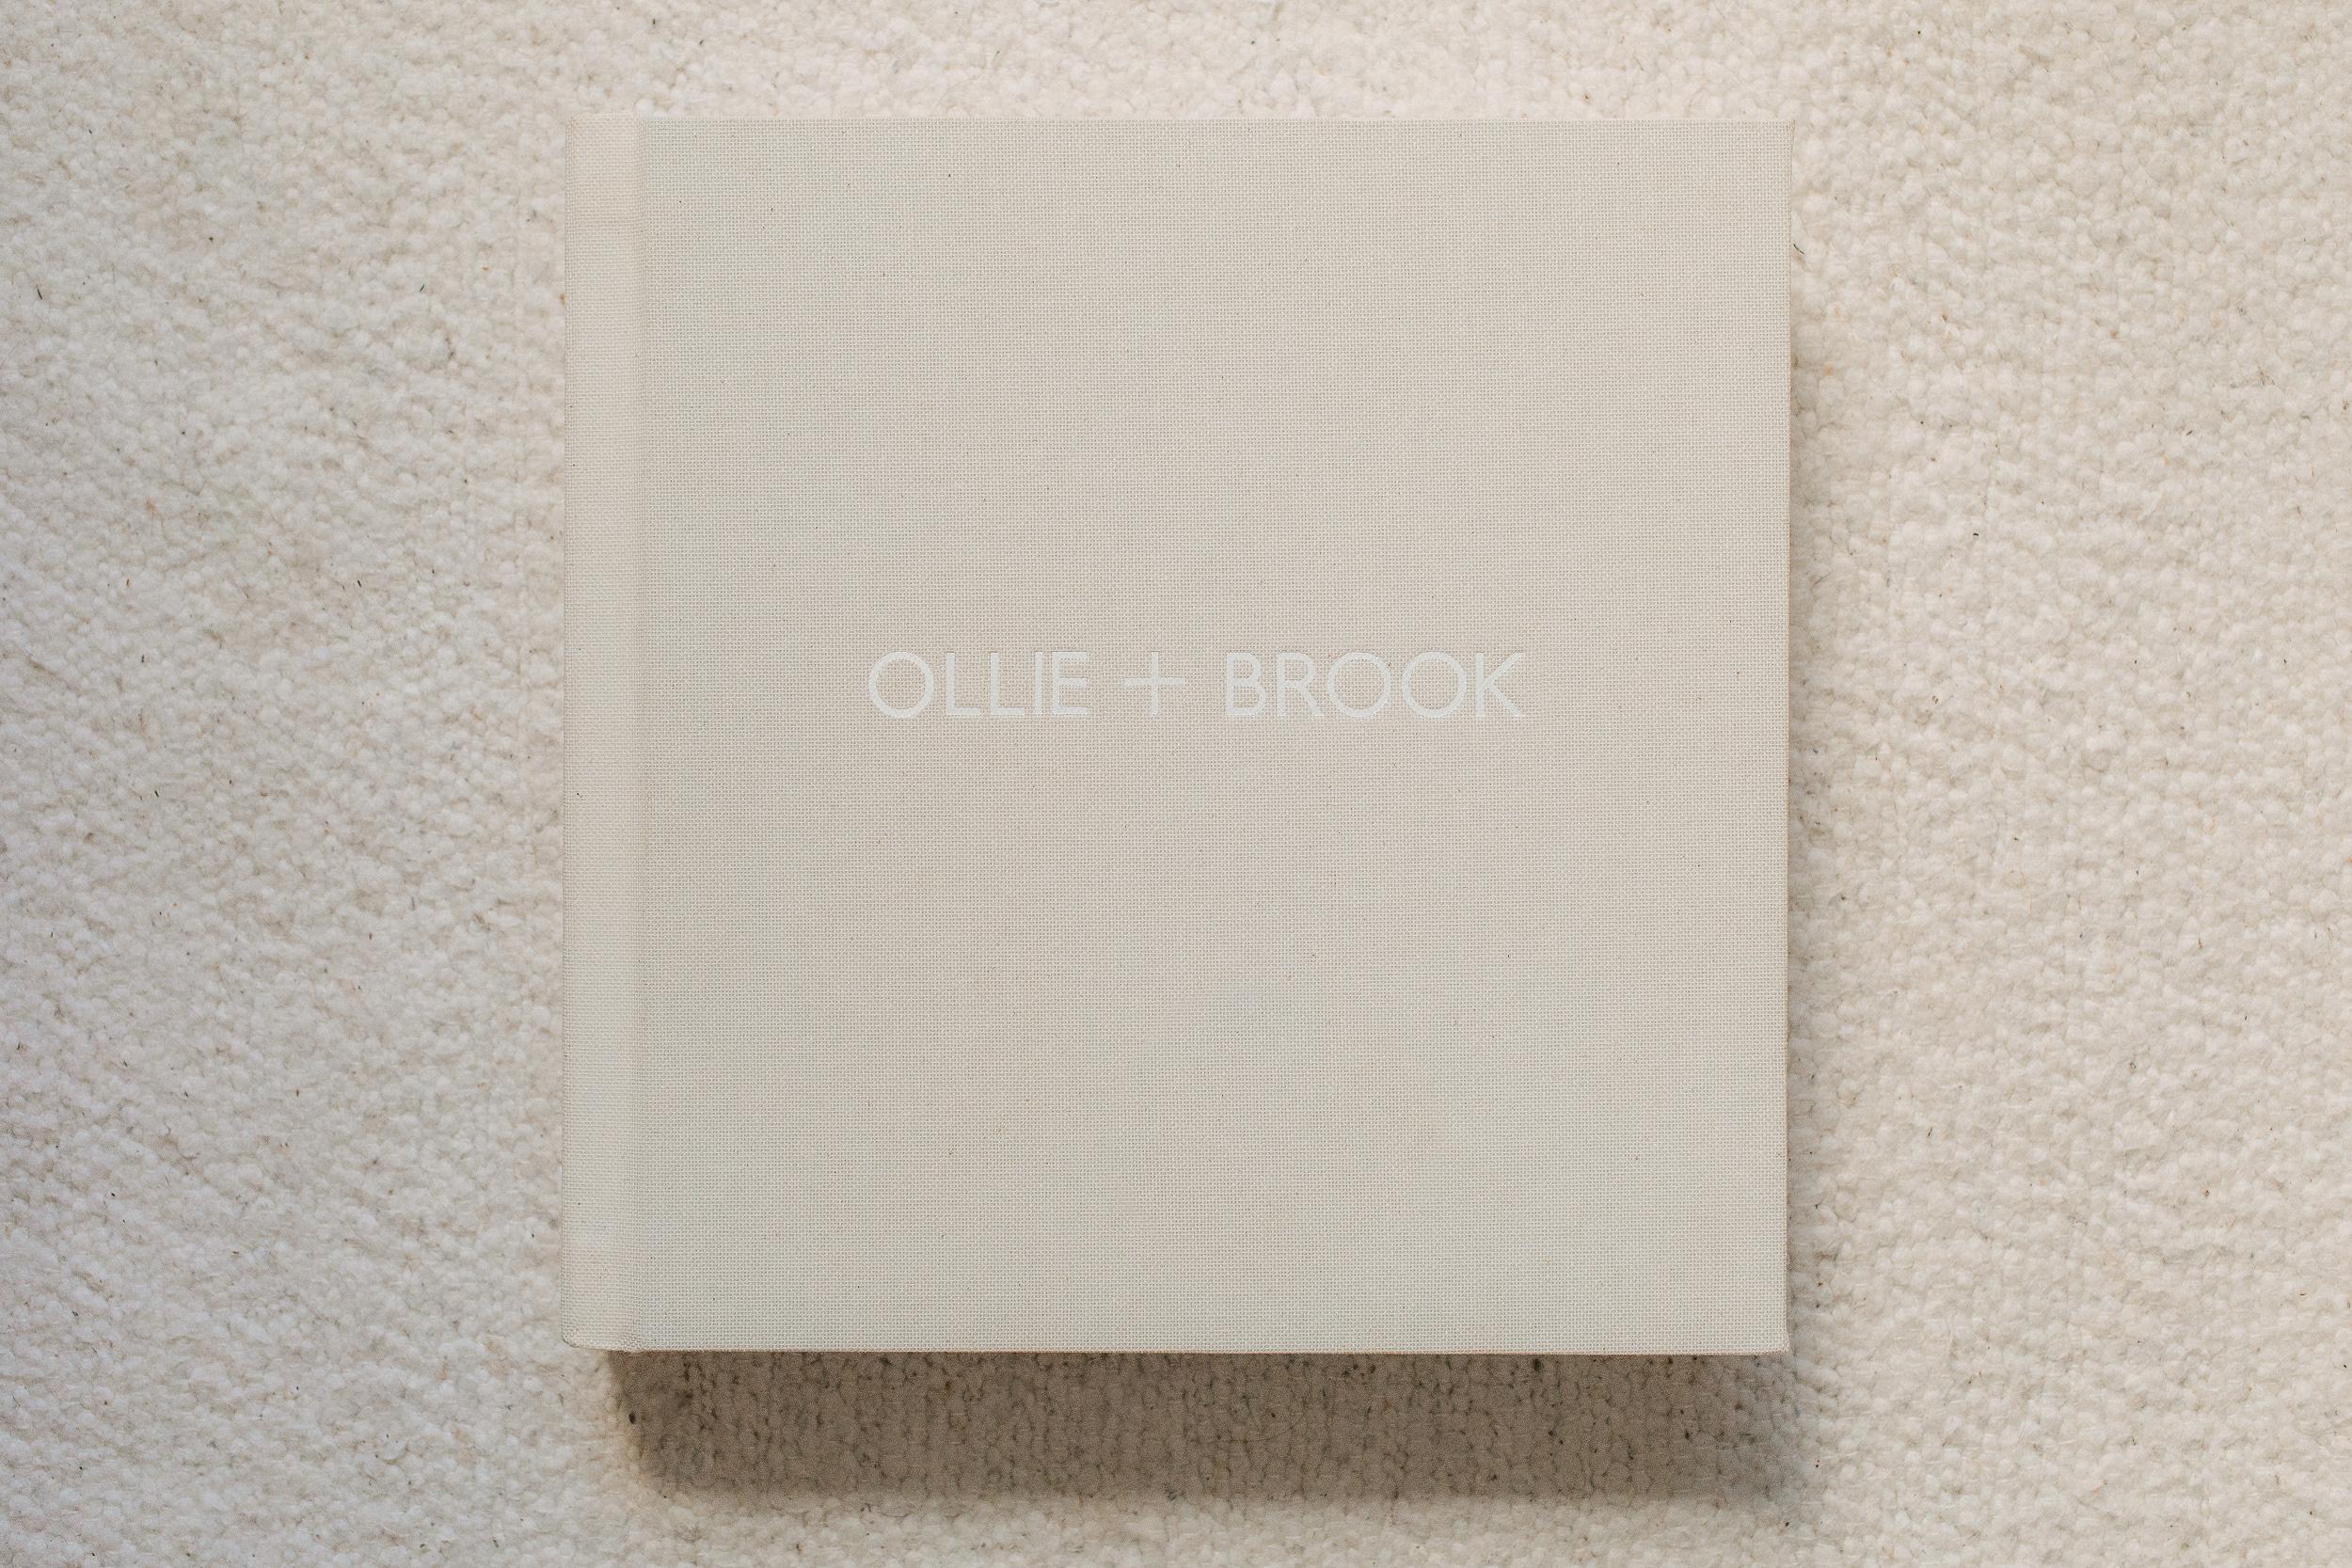 Linen album example-4.jpg